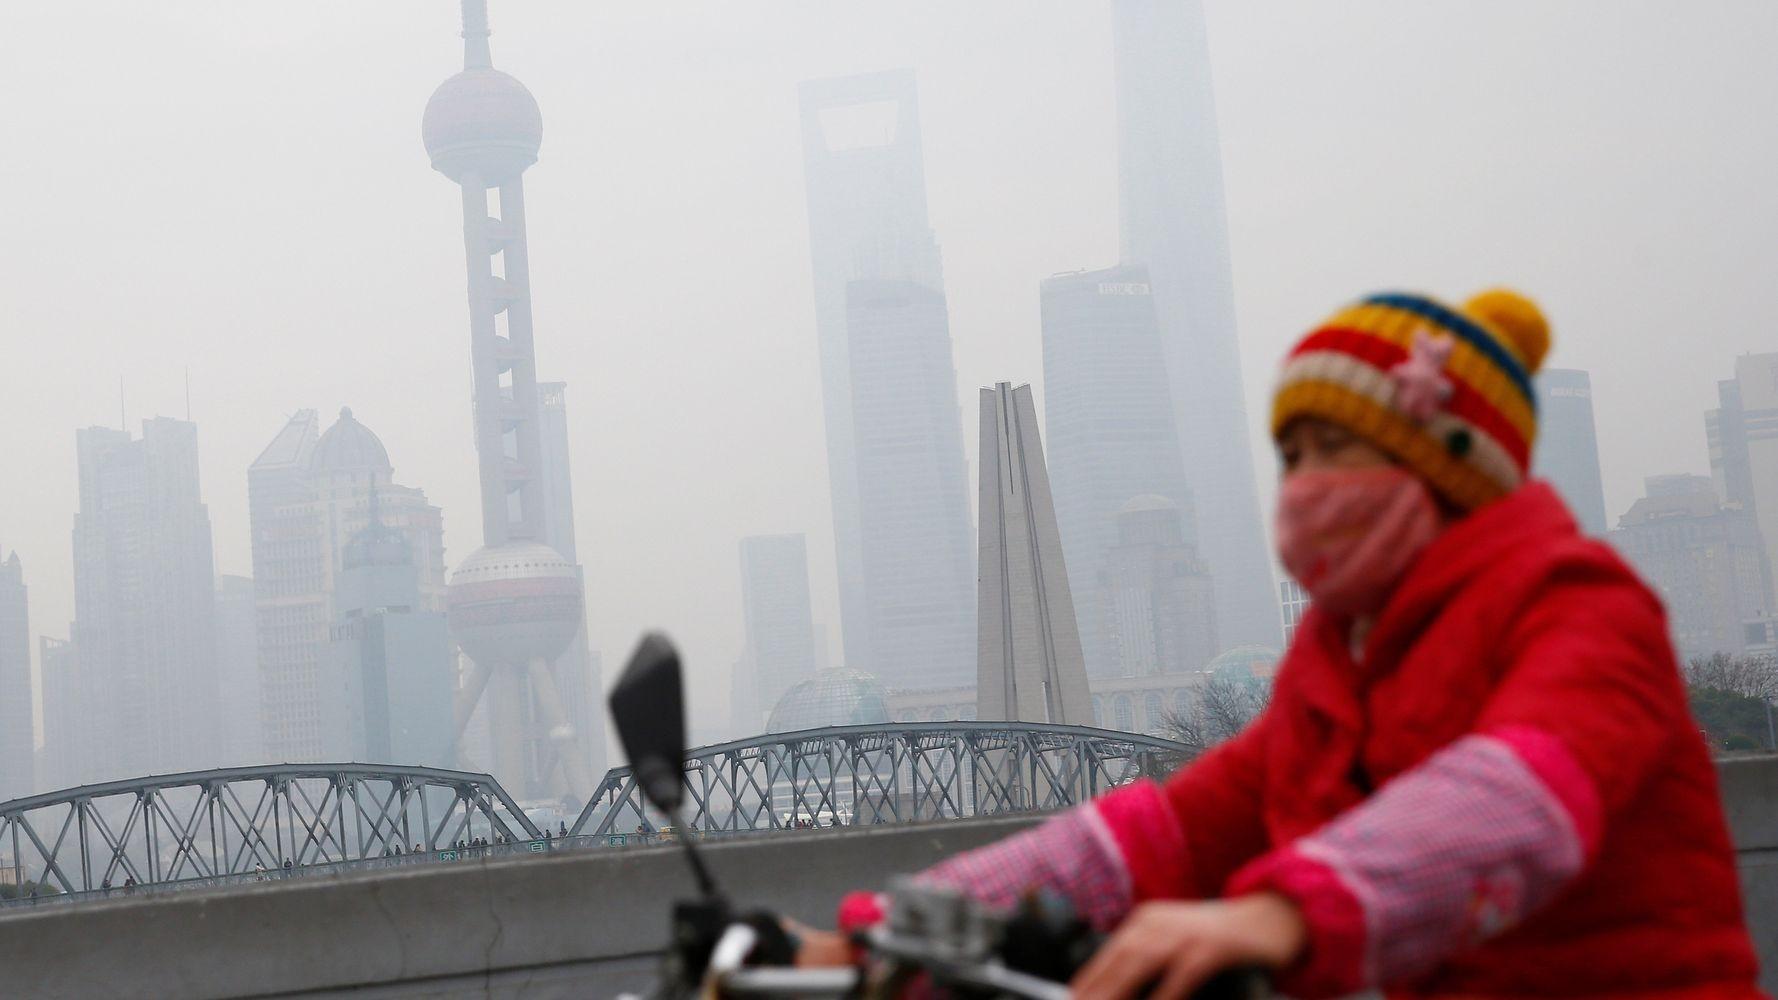 Contaminación del aire en las ciudades. - Foto Aly Song/Reuters